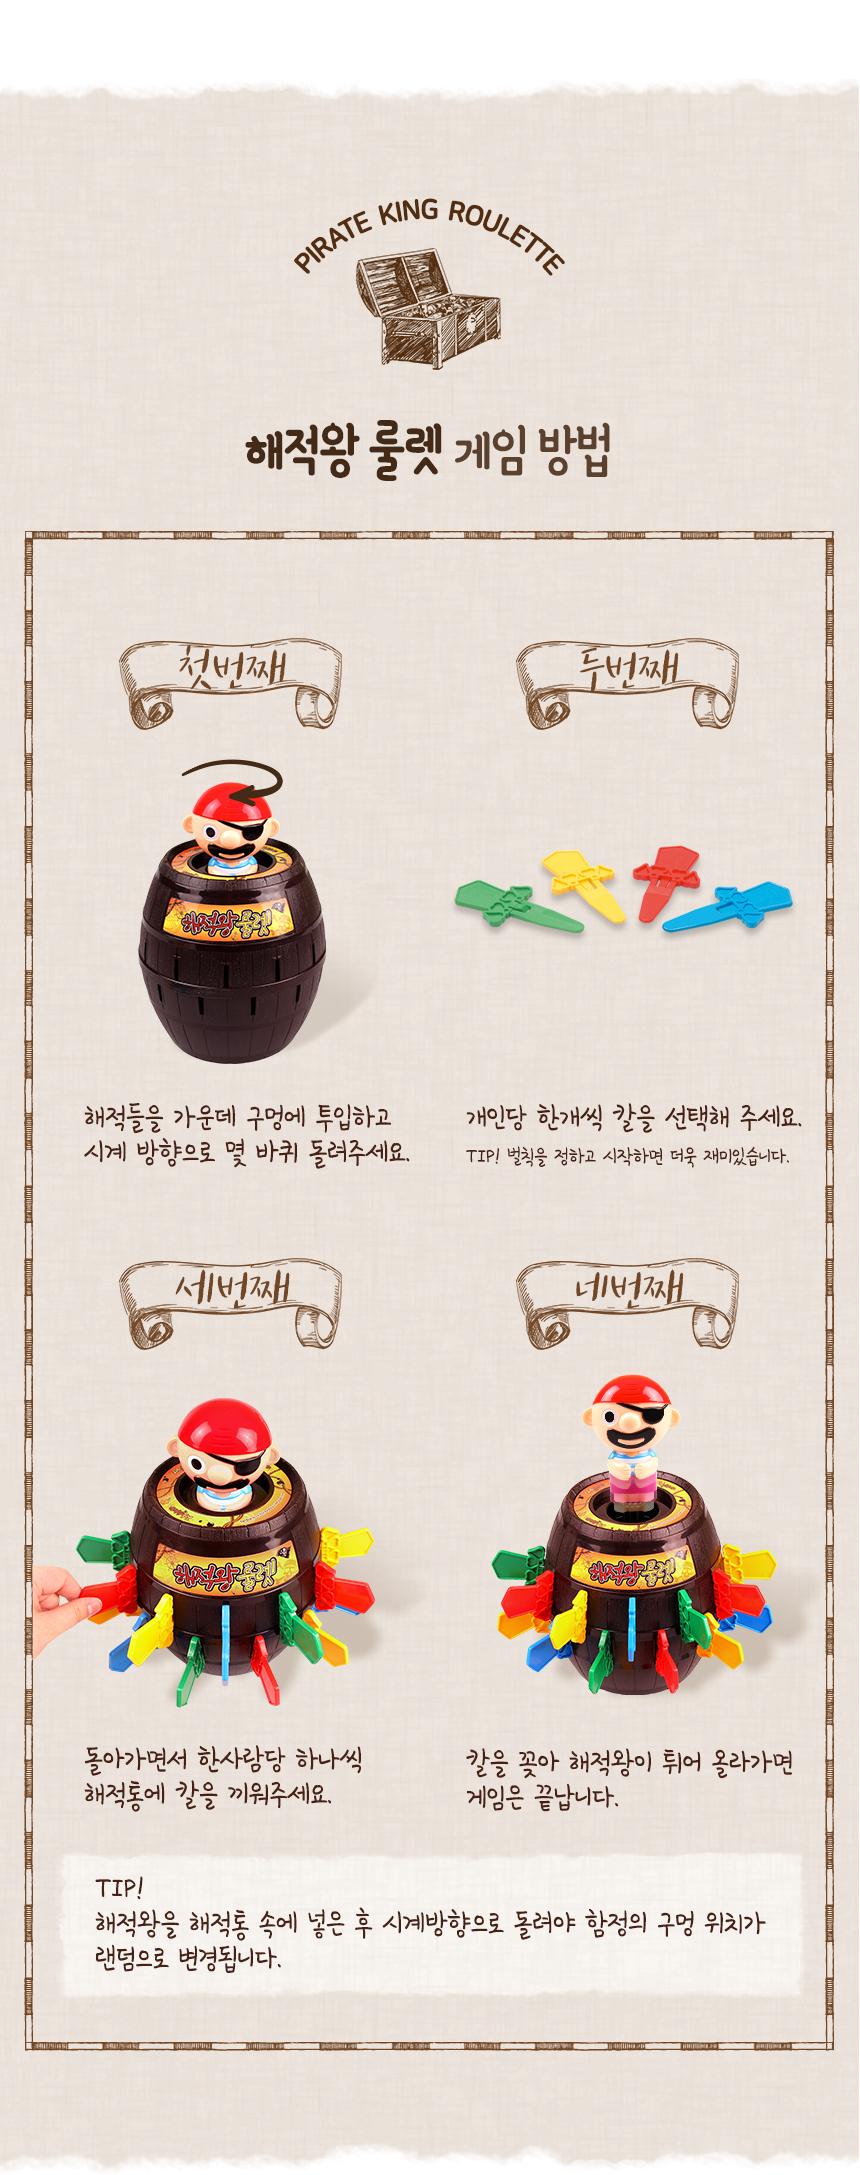 해피플레이 해적왕룰렛 보드게임 통아저씨 복불복게임 - 해피플레이, 15,900원, 장난감, 장난감